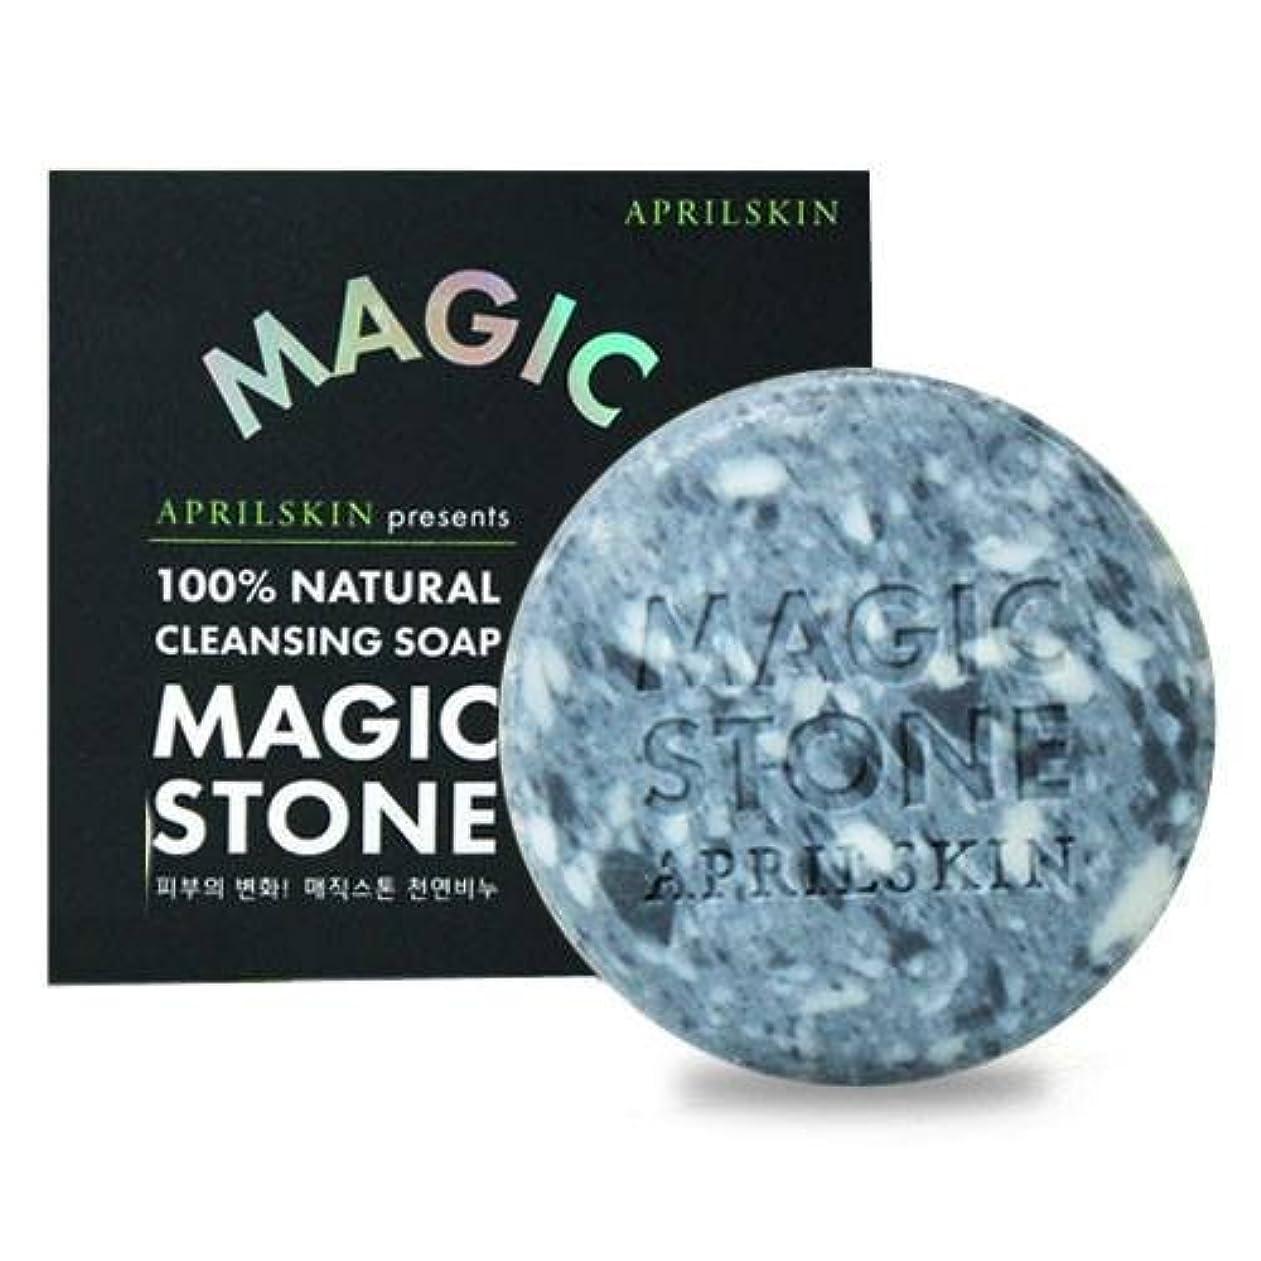 タワーお金君主[APRILSKIN] エイプリルスキン国民石鹸 (APRIL SKIN magic stone マジックストーンのリニューアルバージョン新発売) (ORIGINAL) [並行輸入品]